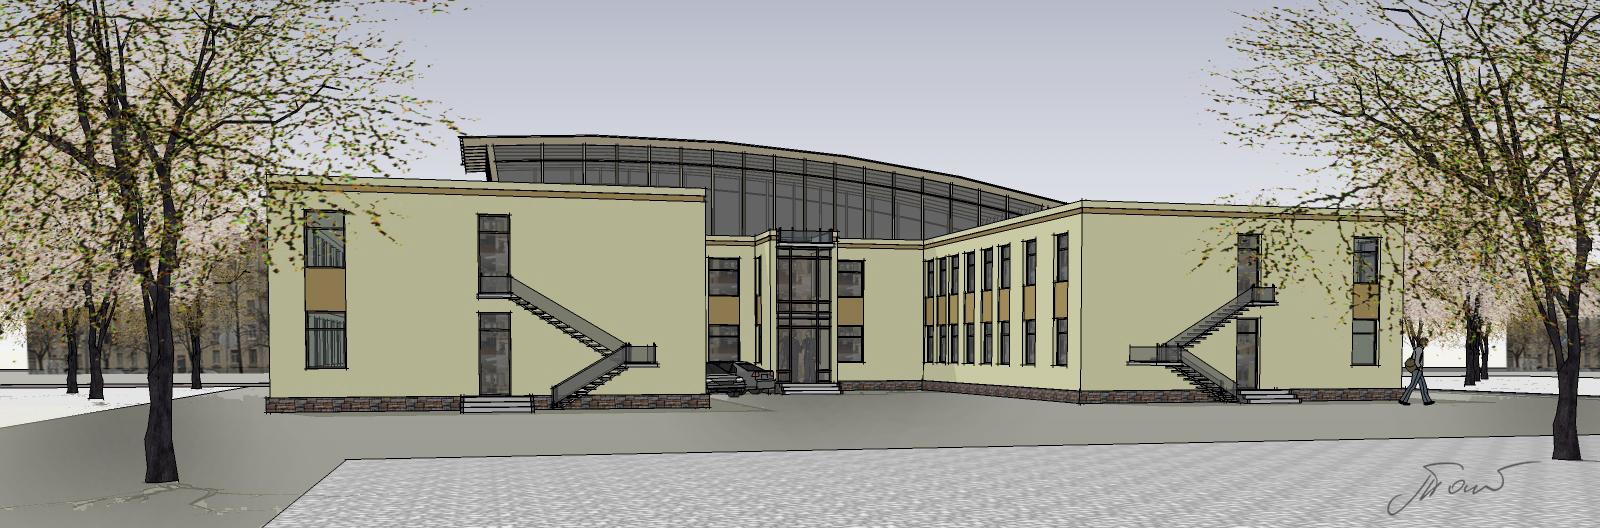 Эскизный проект общественного здания. Петербург.